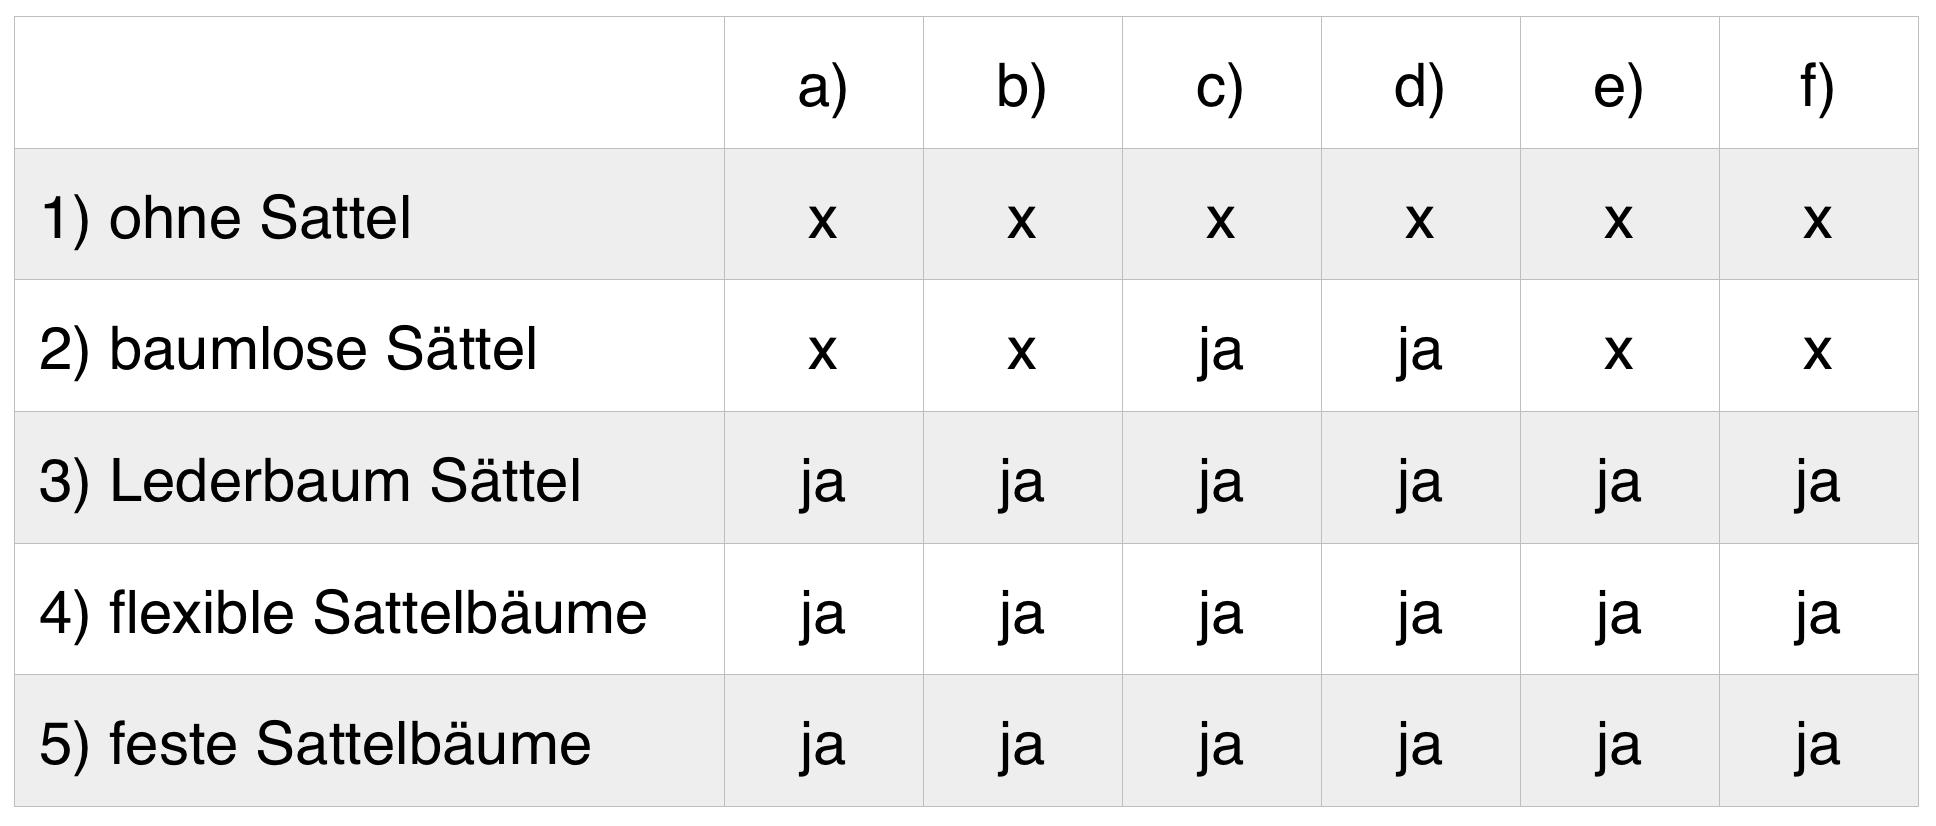 Vereinfachte Bewertung von Sattelbaumtypen